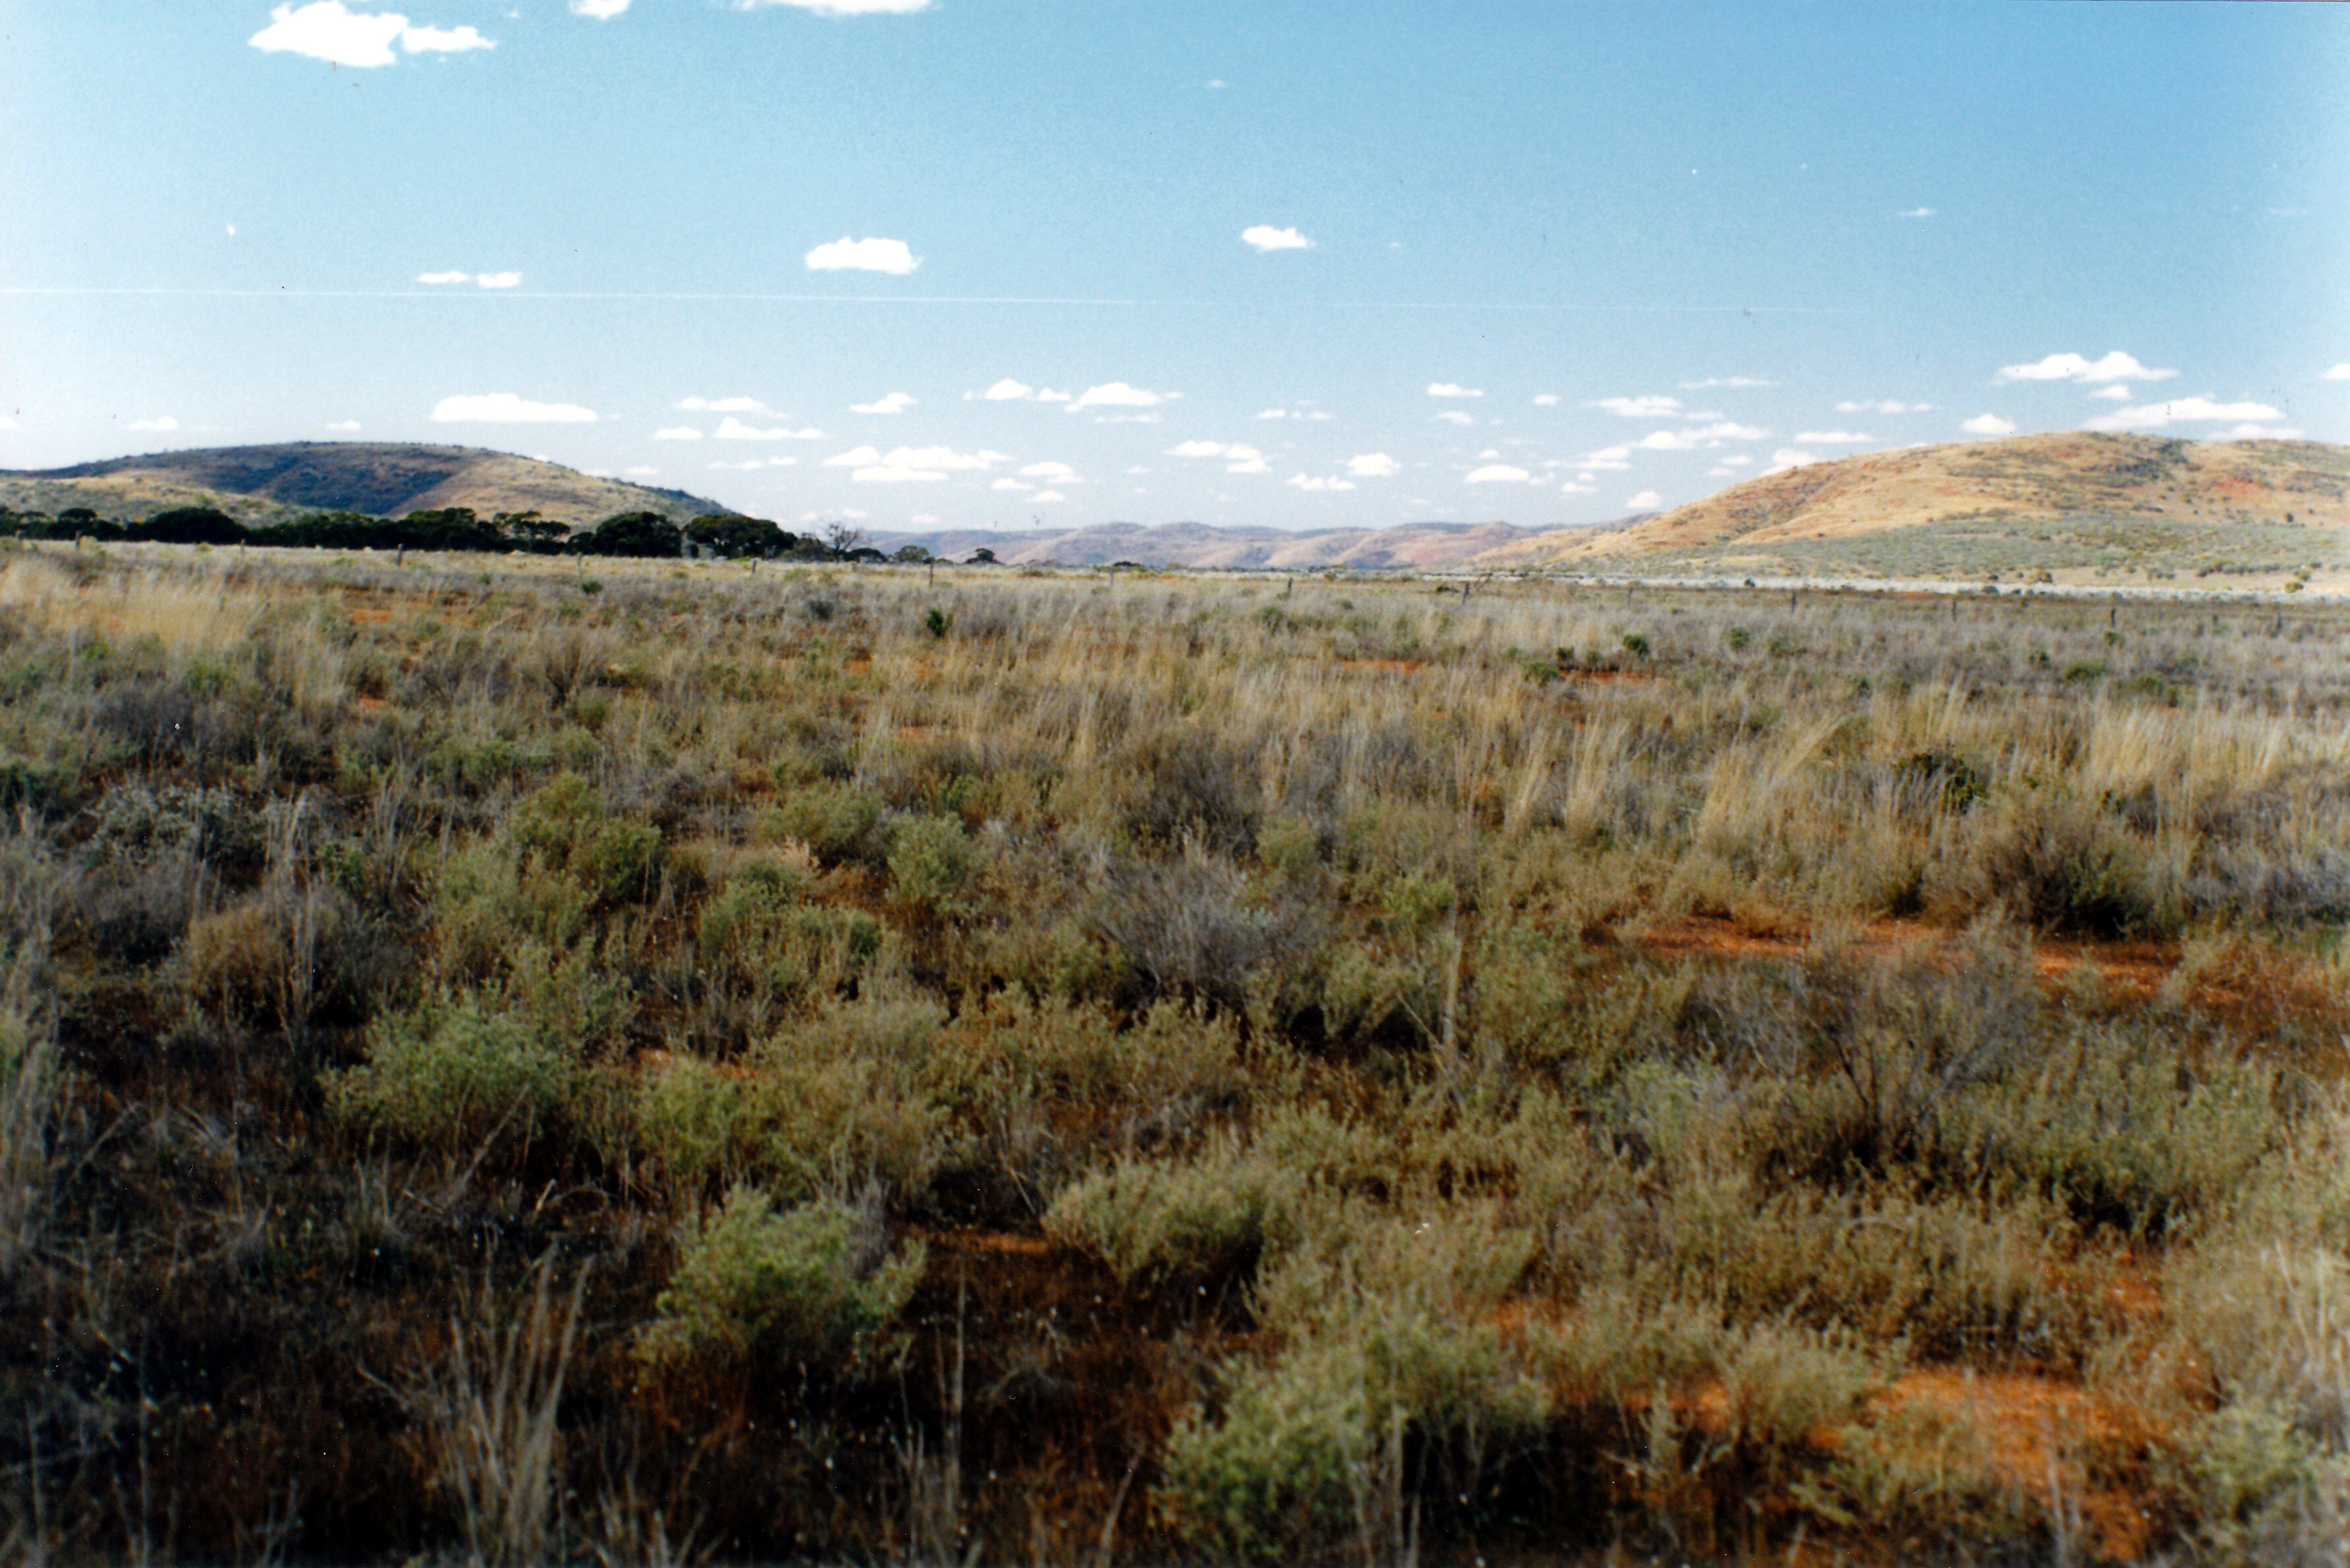 09-07-1999 01 Gawler ranges from Yardea road.jpg